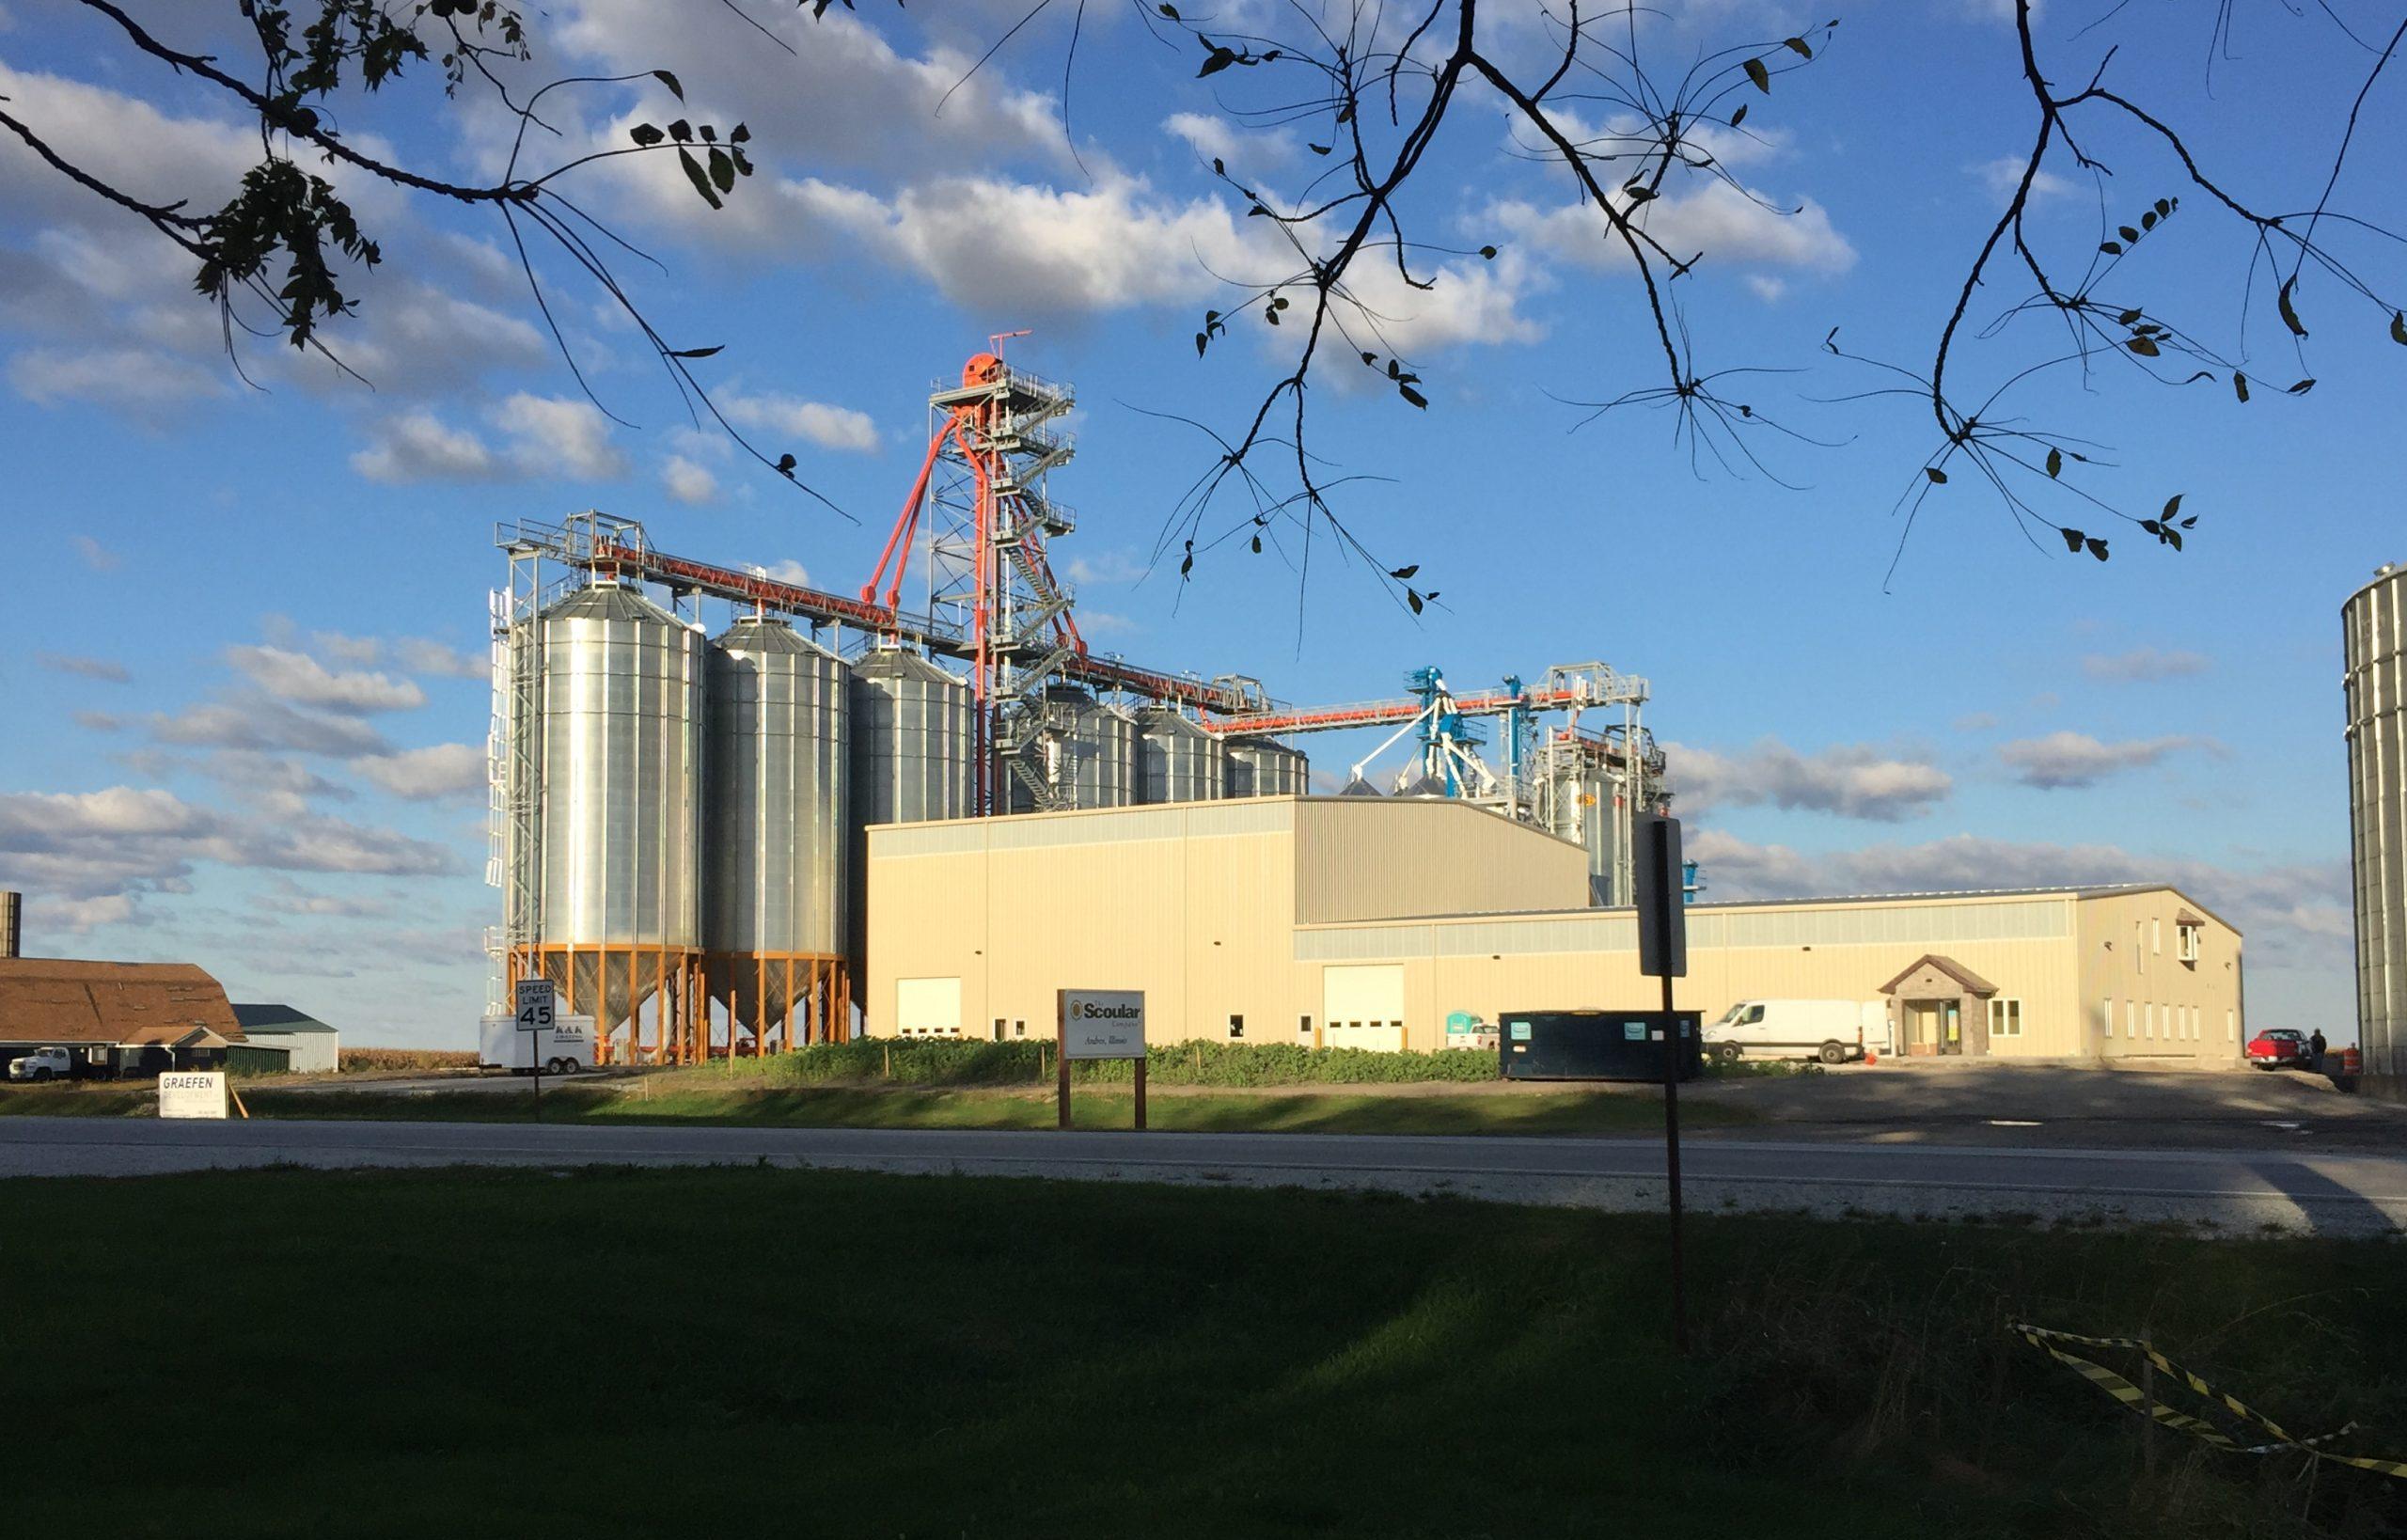 Scoular's non-GMO grain facility